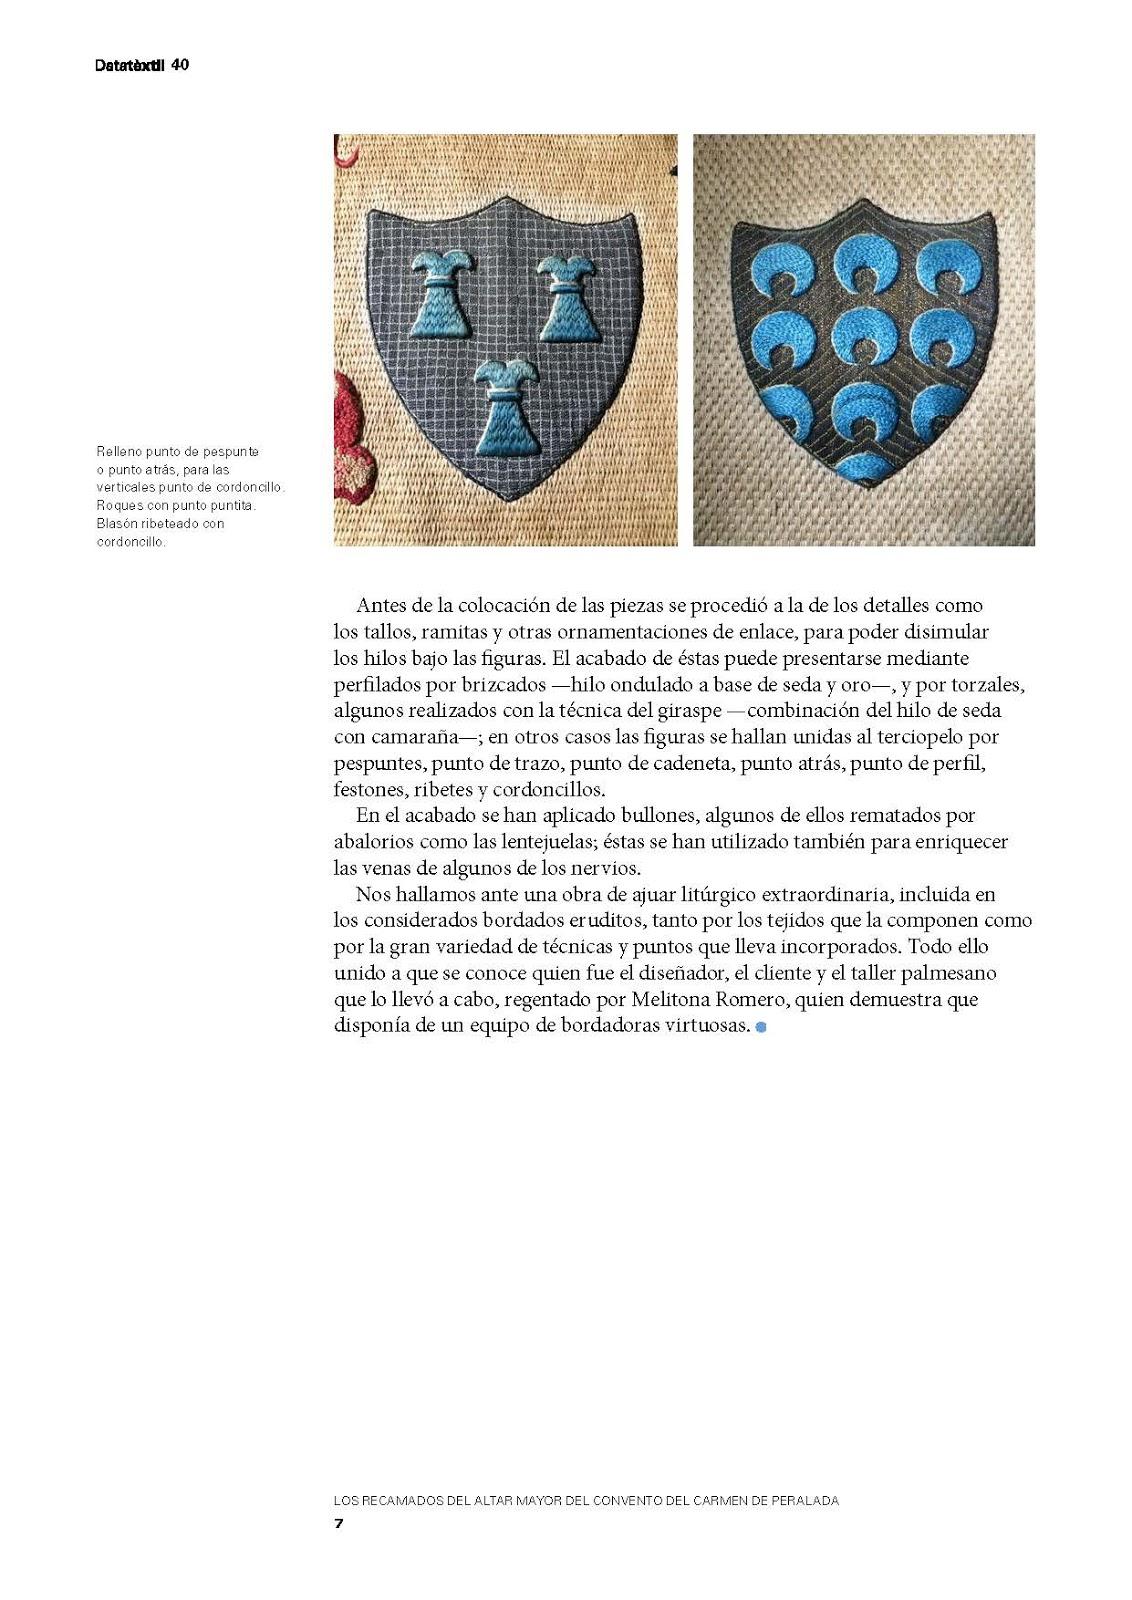 DTT40 VO-RECAMADOS_Página_7